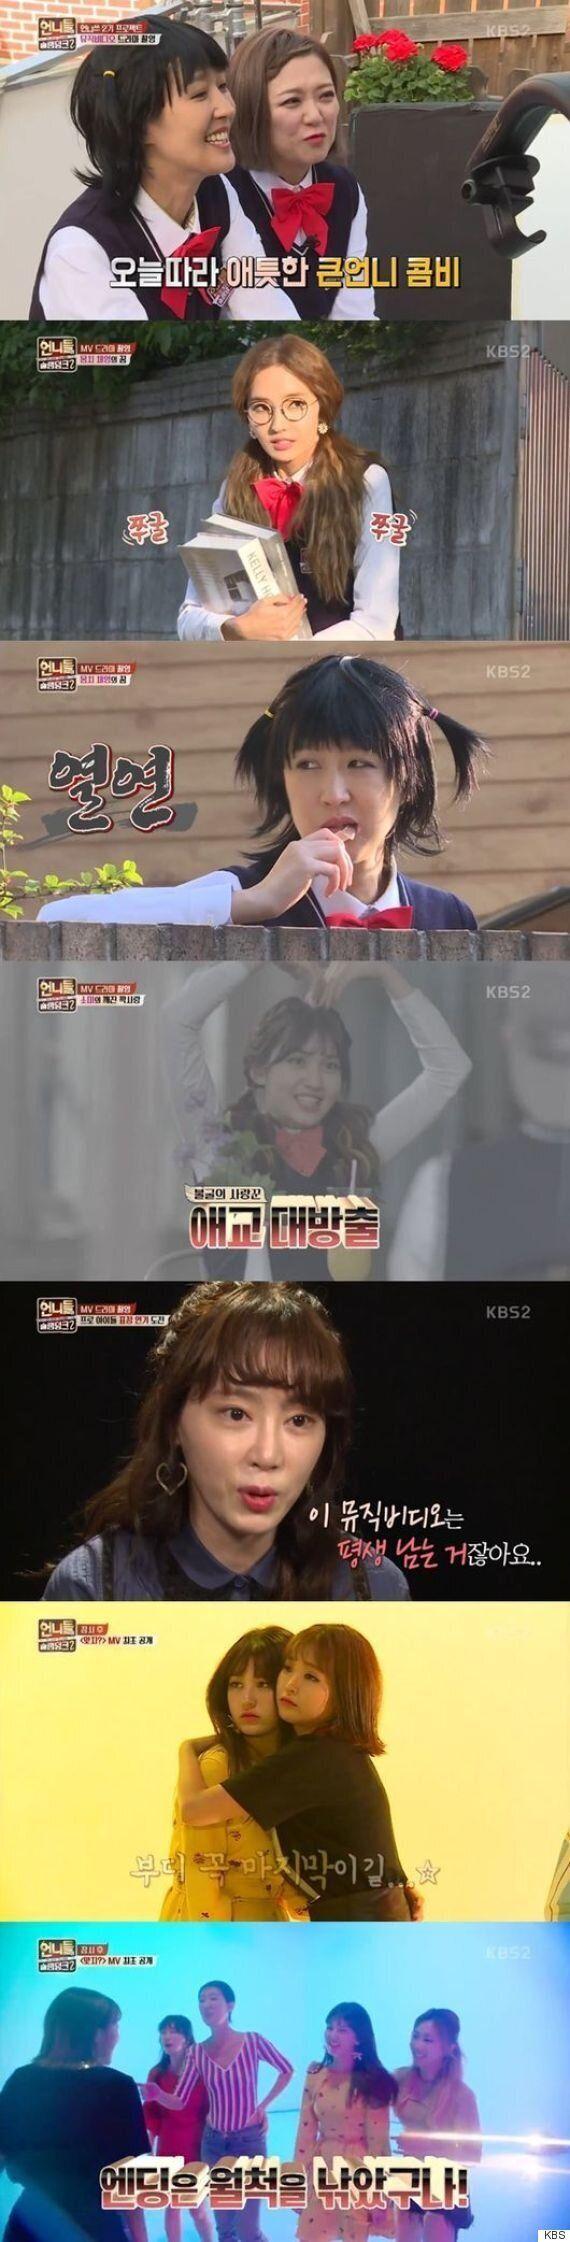 [Oh!쎈 초점] '언슬2' 꽃길 걷는 언니쓰가 더욱 대견한